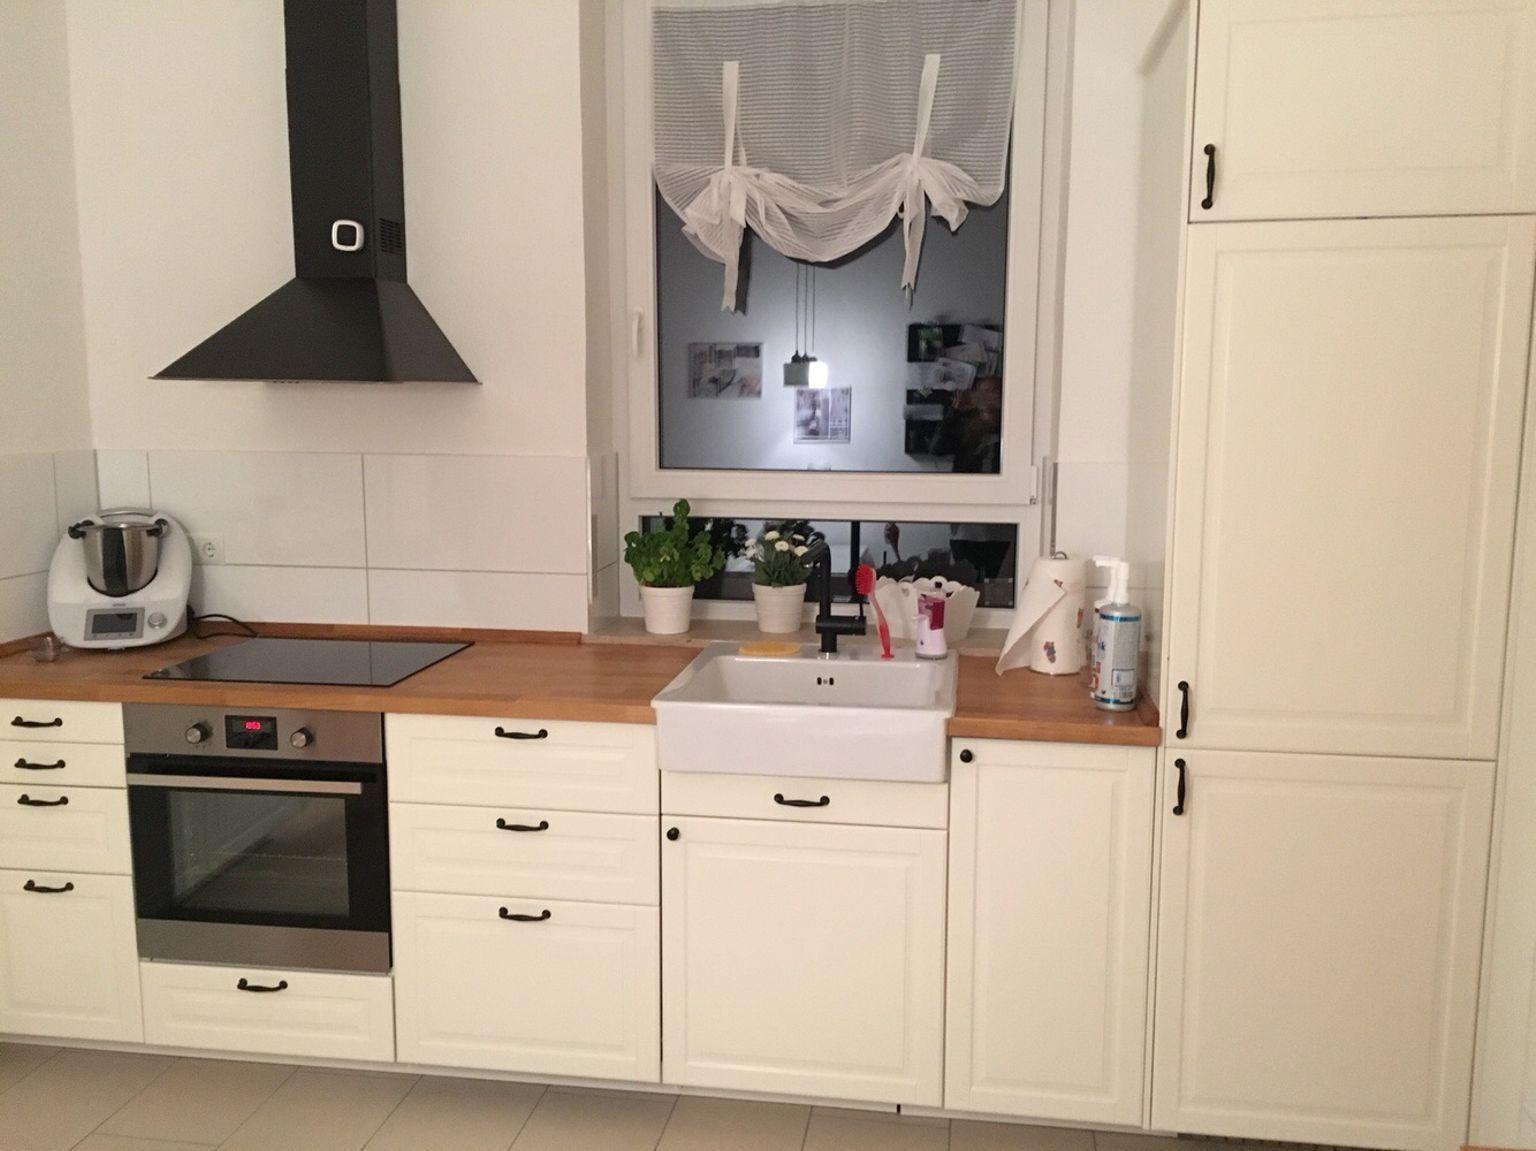 Landhausstil Gebraucht Kuche Landhausstil Gebraucht Weiss Ikea